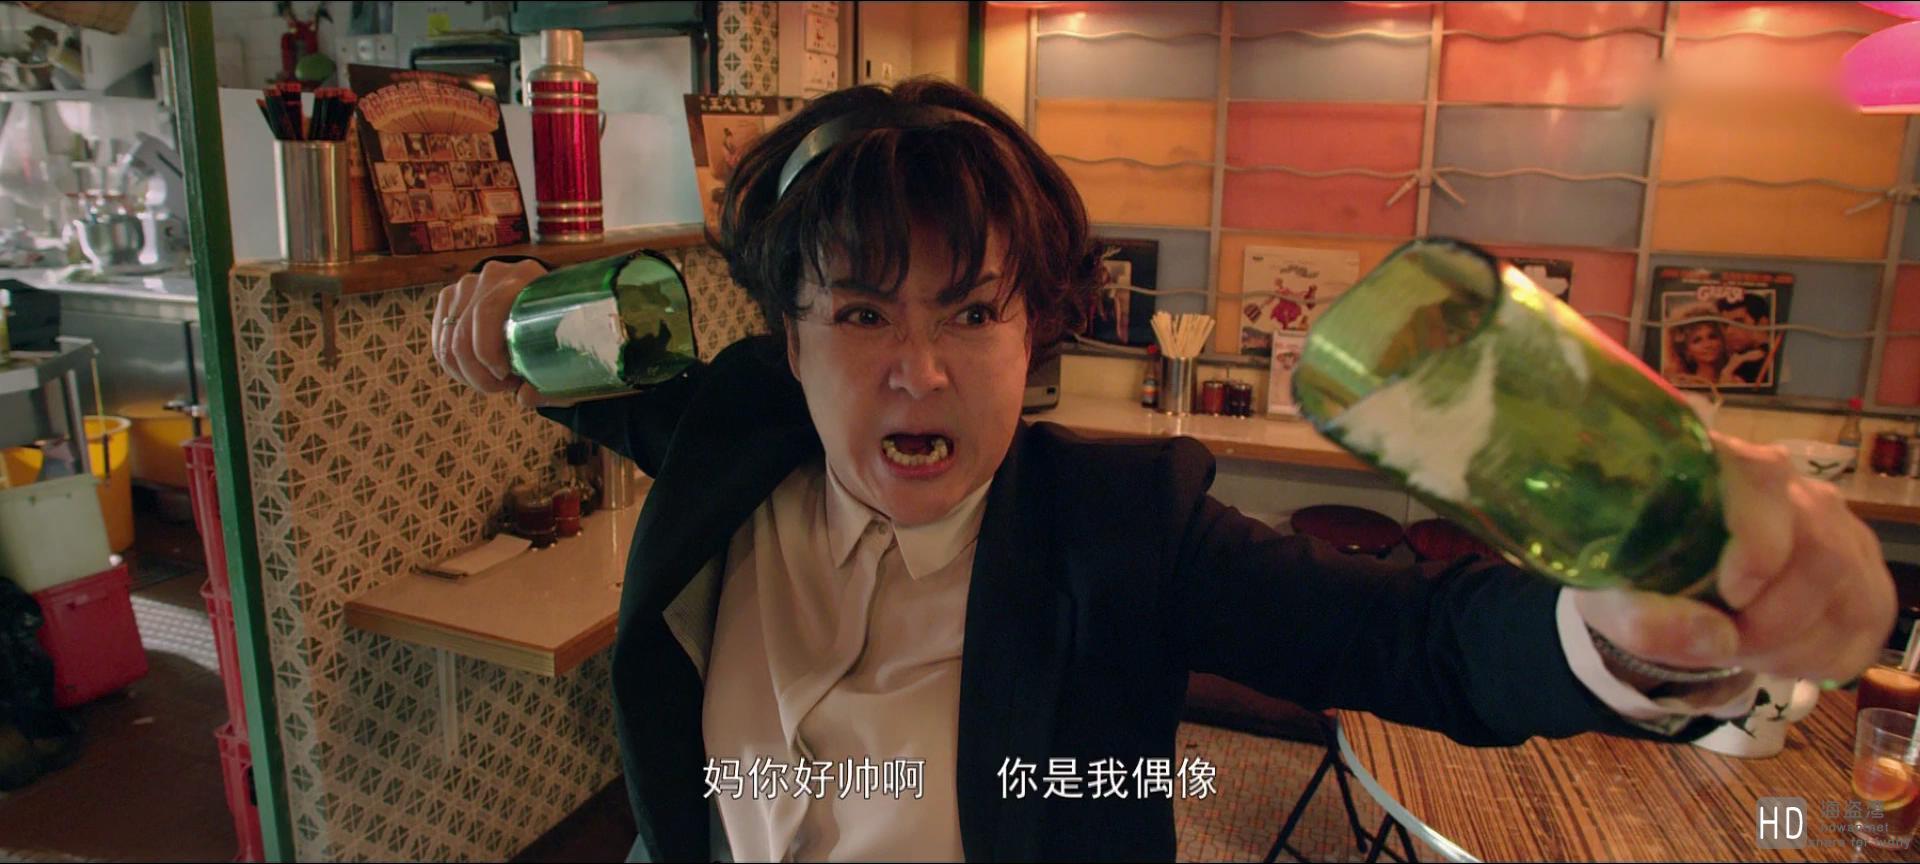 [妈咪侠/媽咪俠][2015] [香港] [喜剧] [WEB-MKV/2.11G][国语中字][1080P]